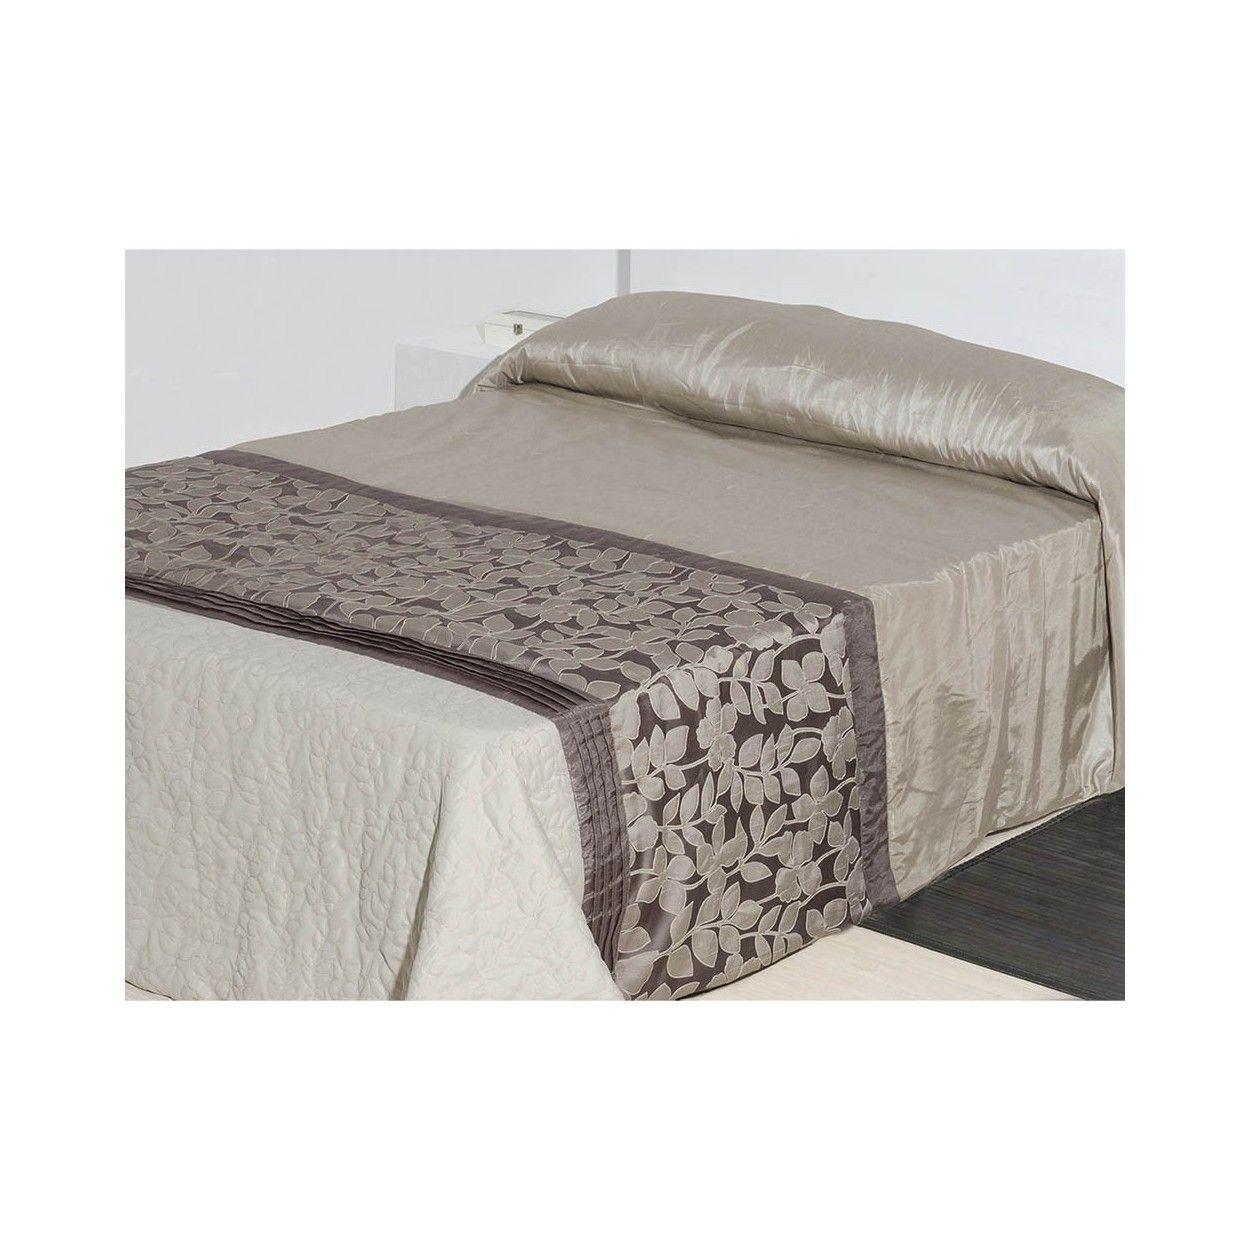 Colcha para cama de tafet n marr n floral 240x260 for Colchas para camas grandes